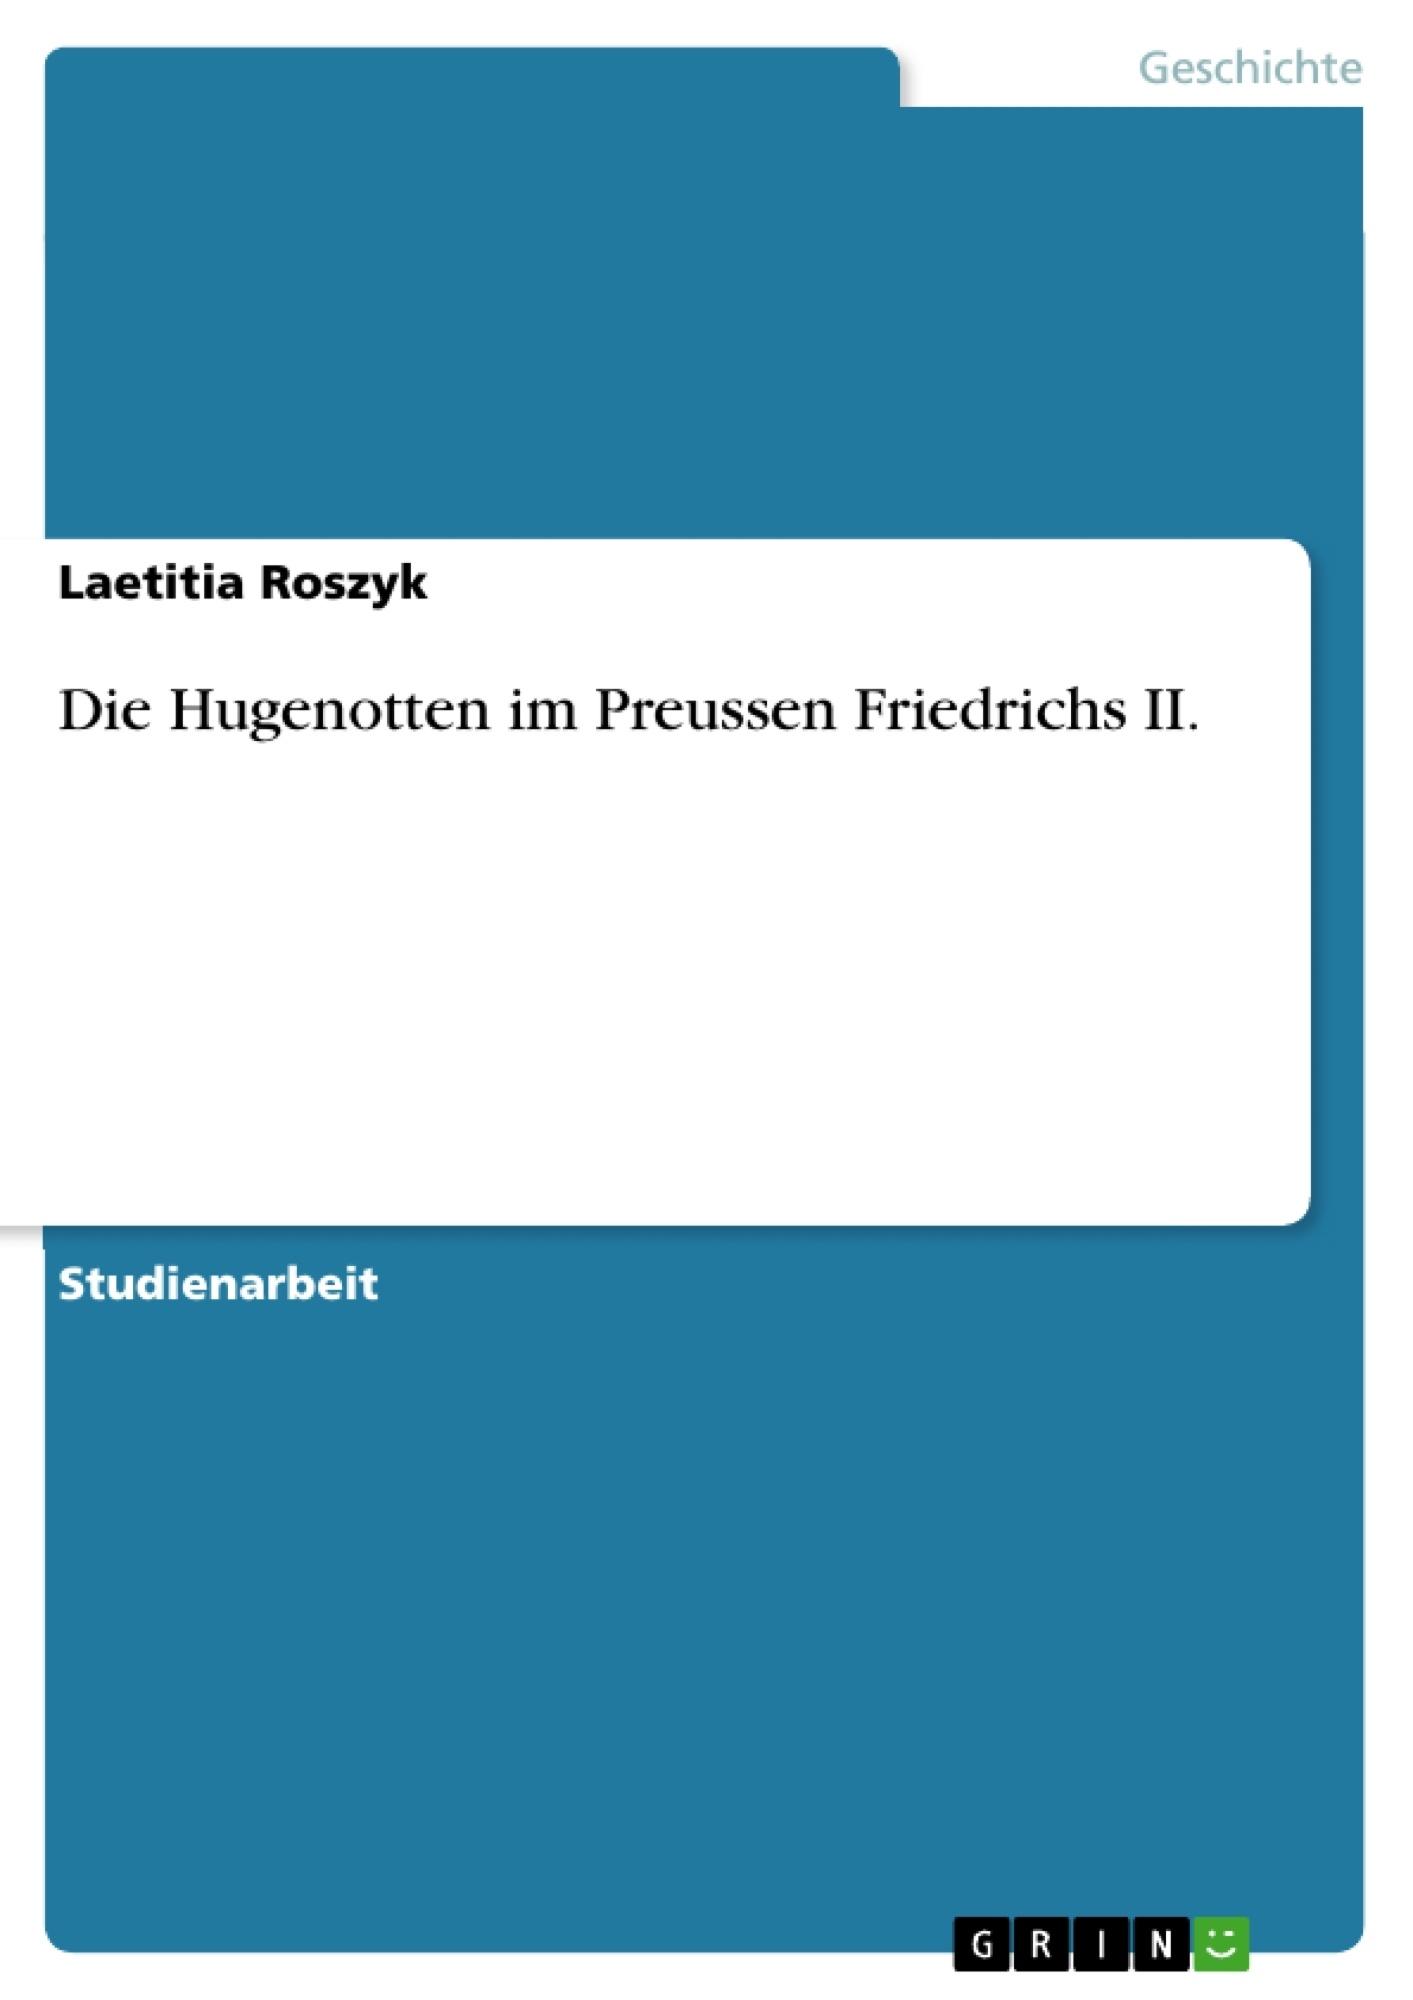 Titel: Die Hugenotten im Preussen Friedrichs II.